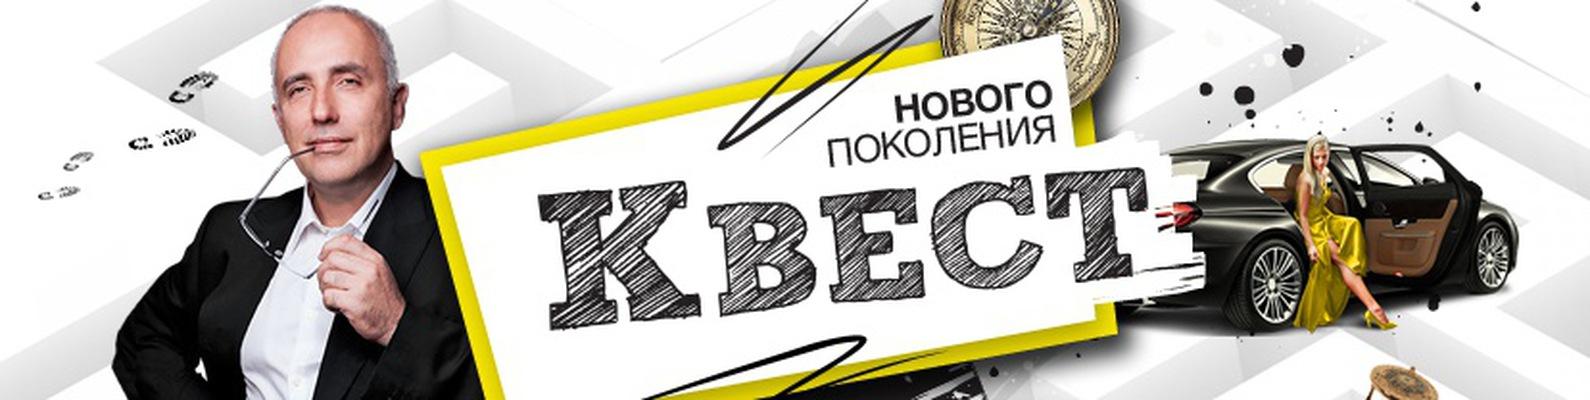 Проститутки снять на час метро проспект вернадская